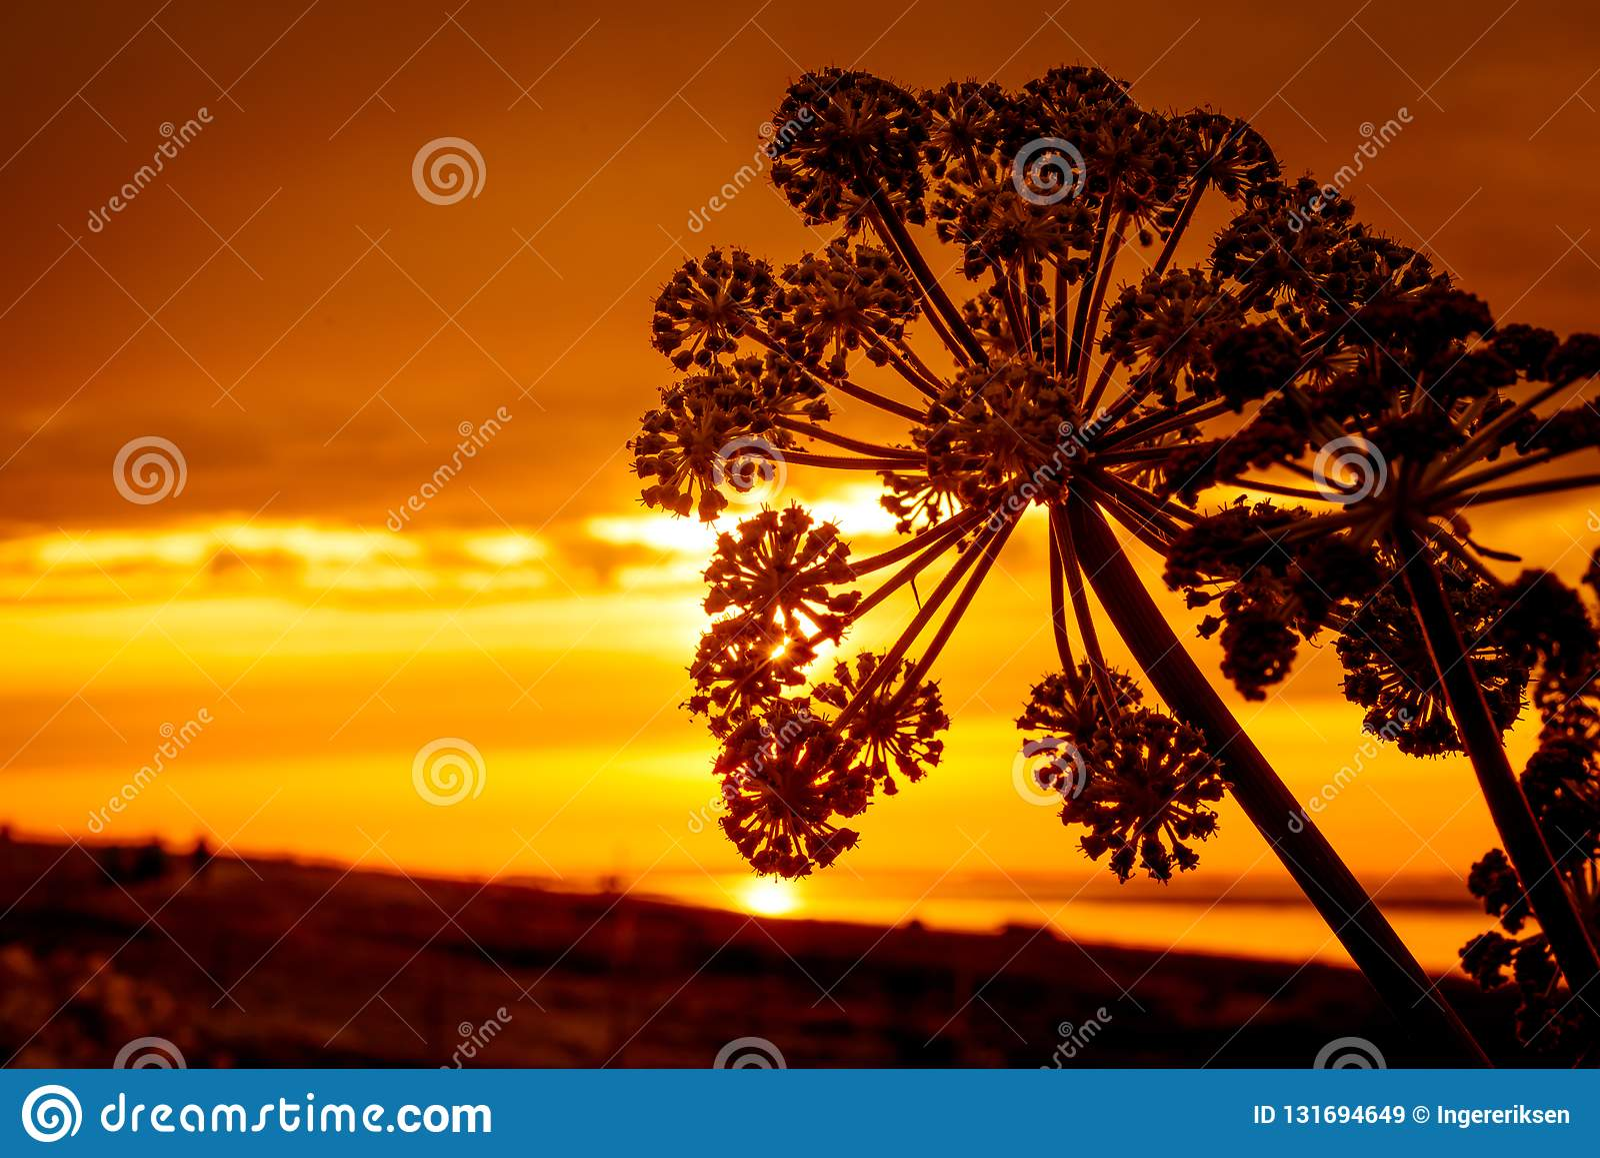 Σκιαγραφία του λουλουδιού σε ένα χρυσό ηλιοβασίλεμα